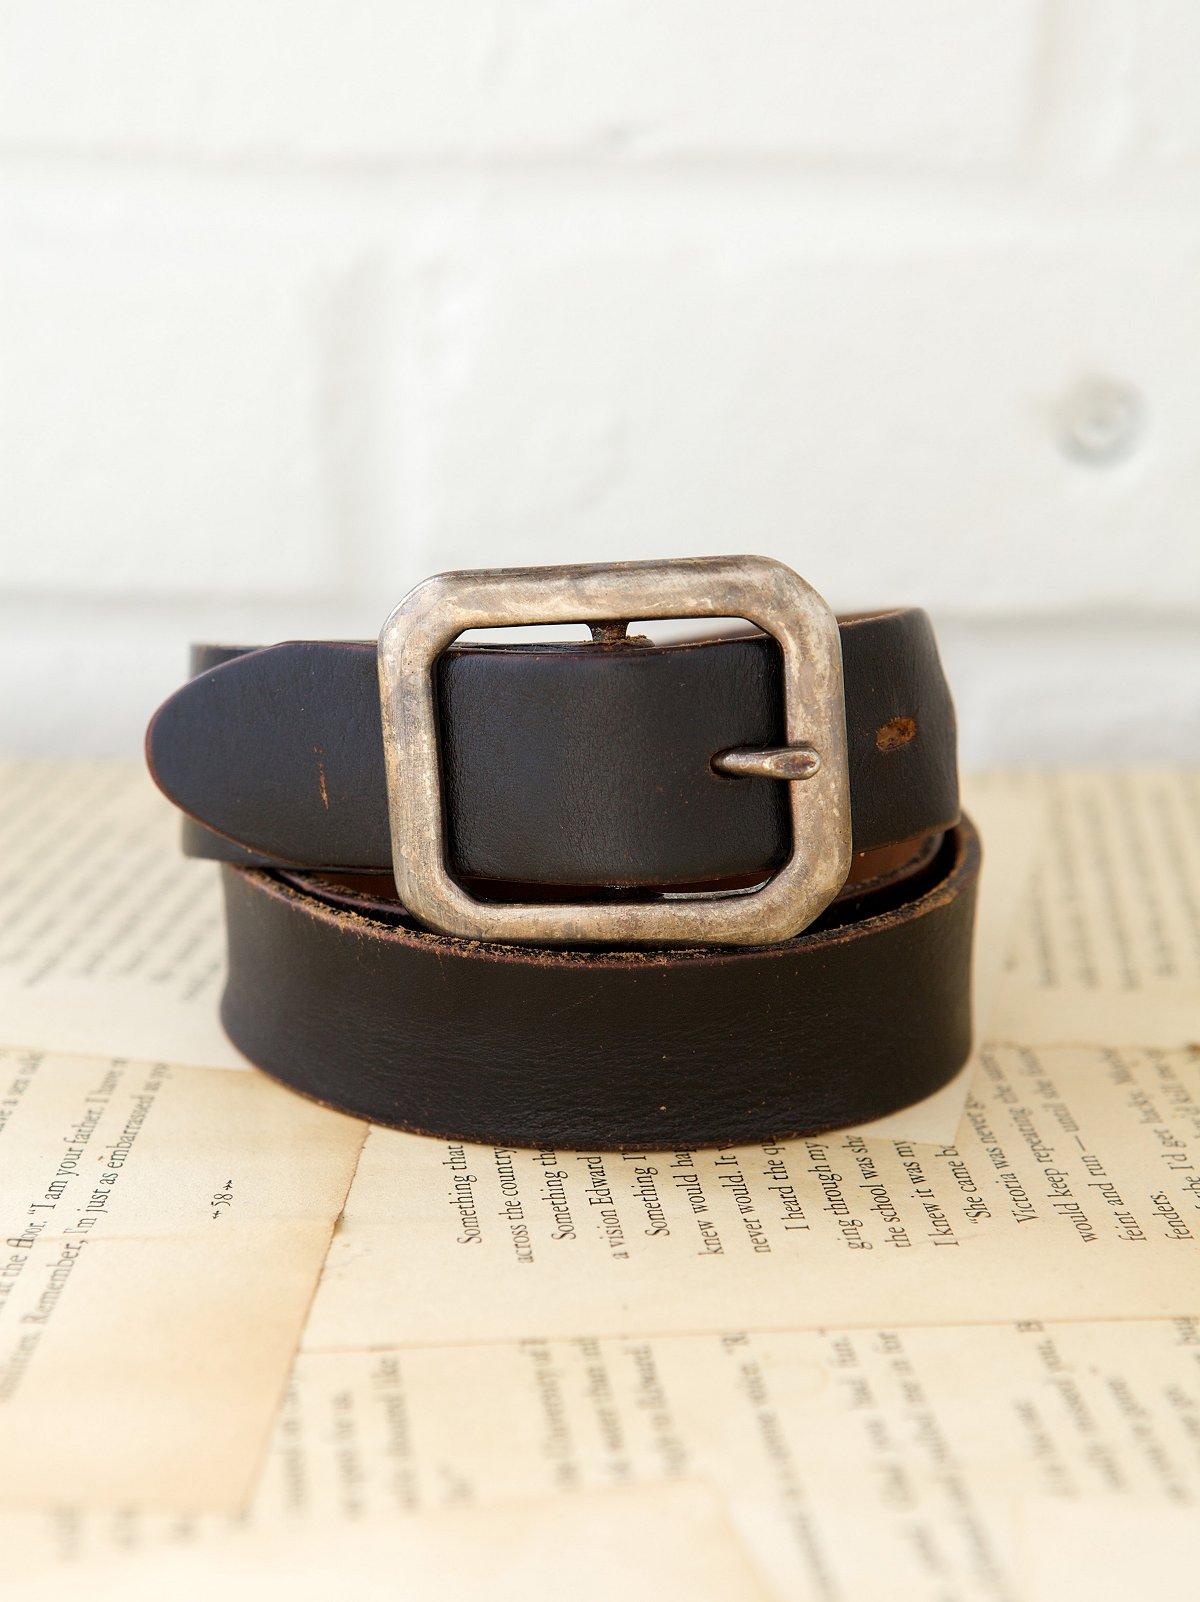 Vintage 1970s Salem Belt